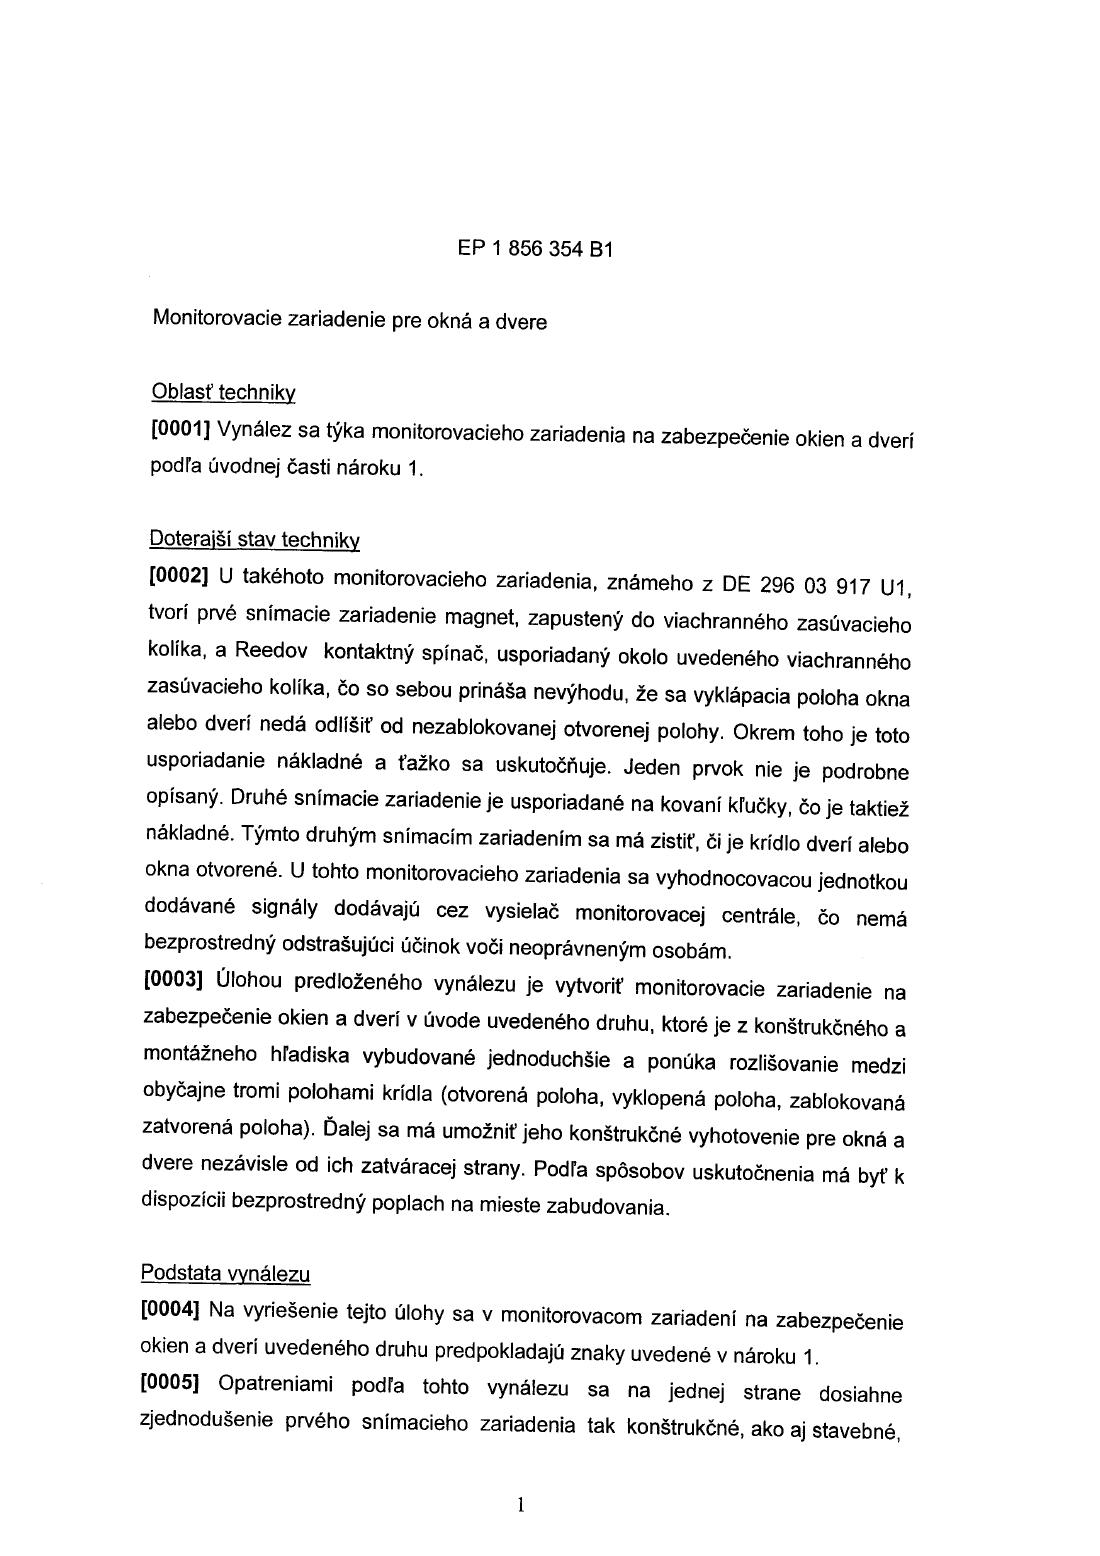 063dead241 Monitorovacie zariadenie pre okná a dvere — 27.02.2006 — E 5305 — Databáza  patentov Slovenska